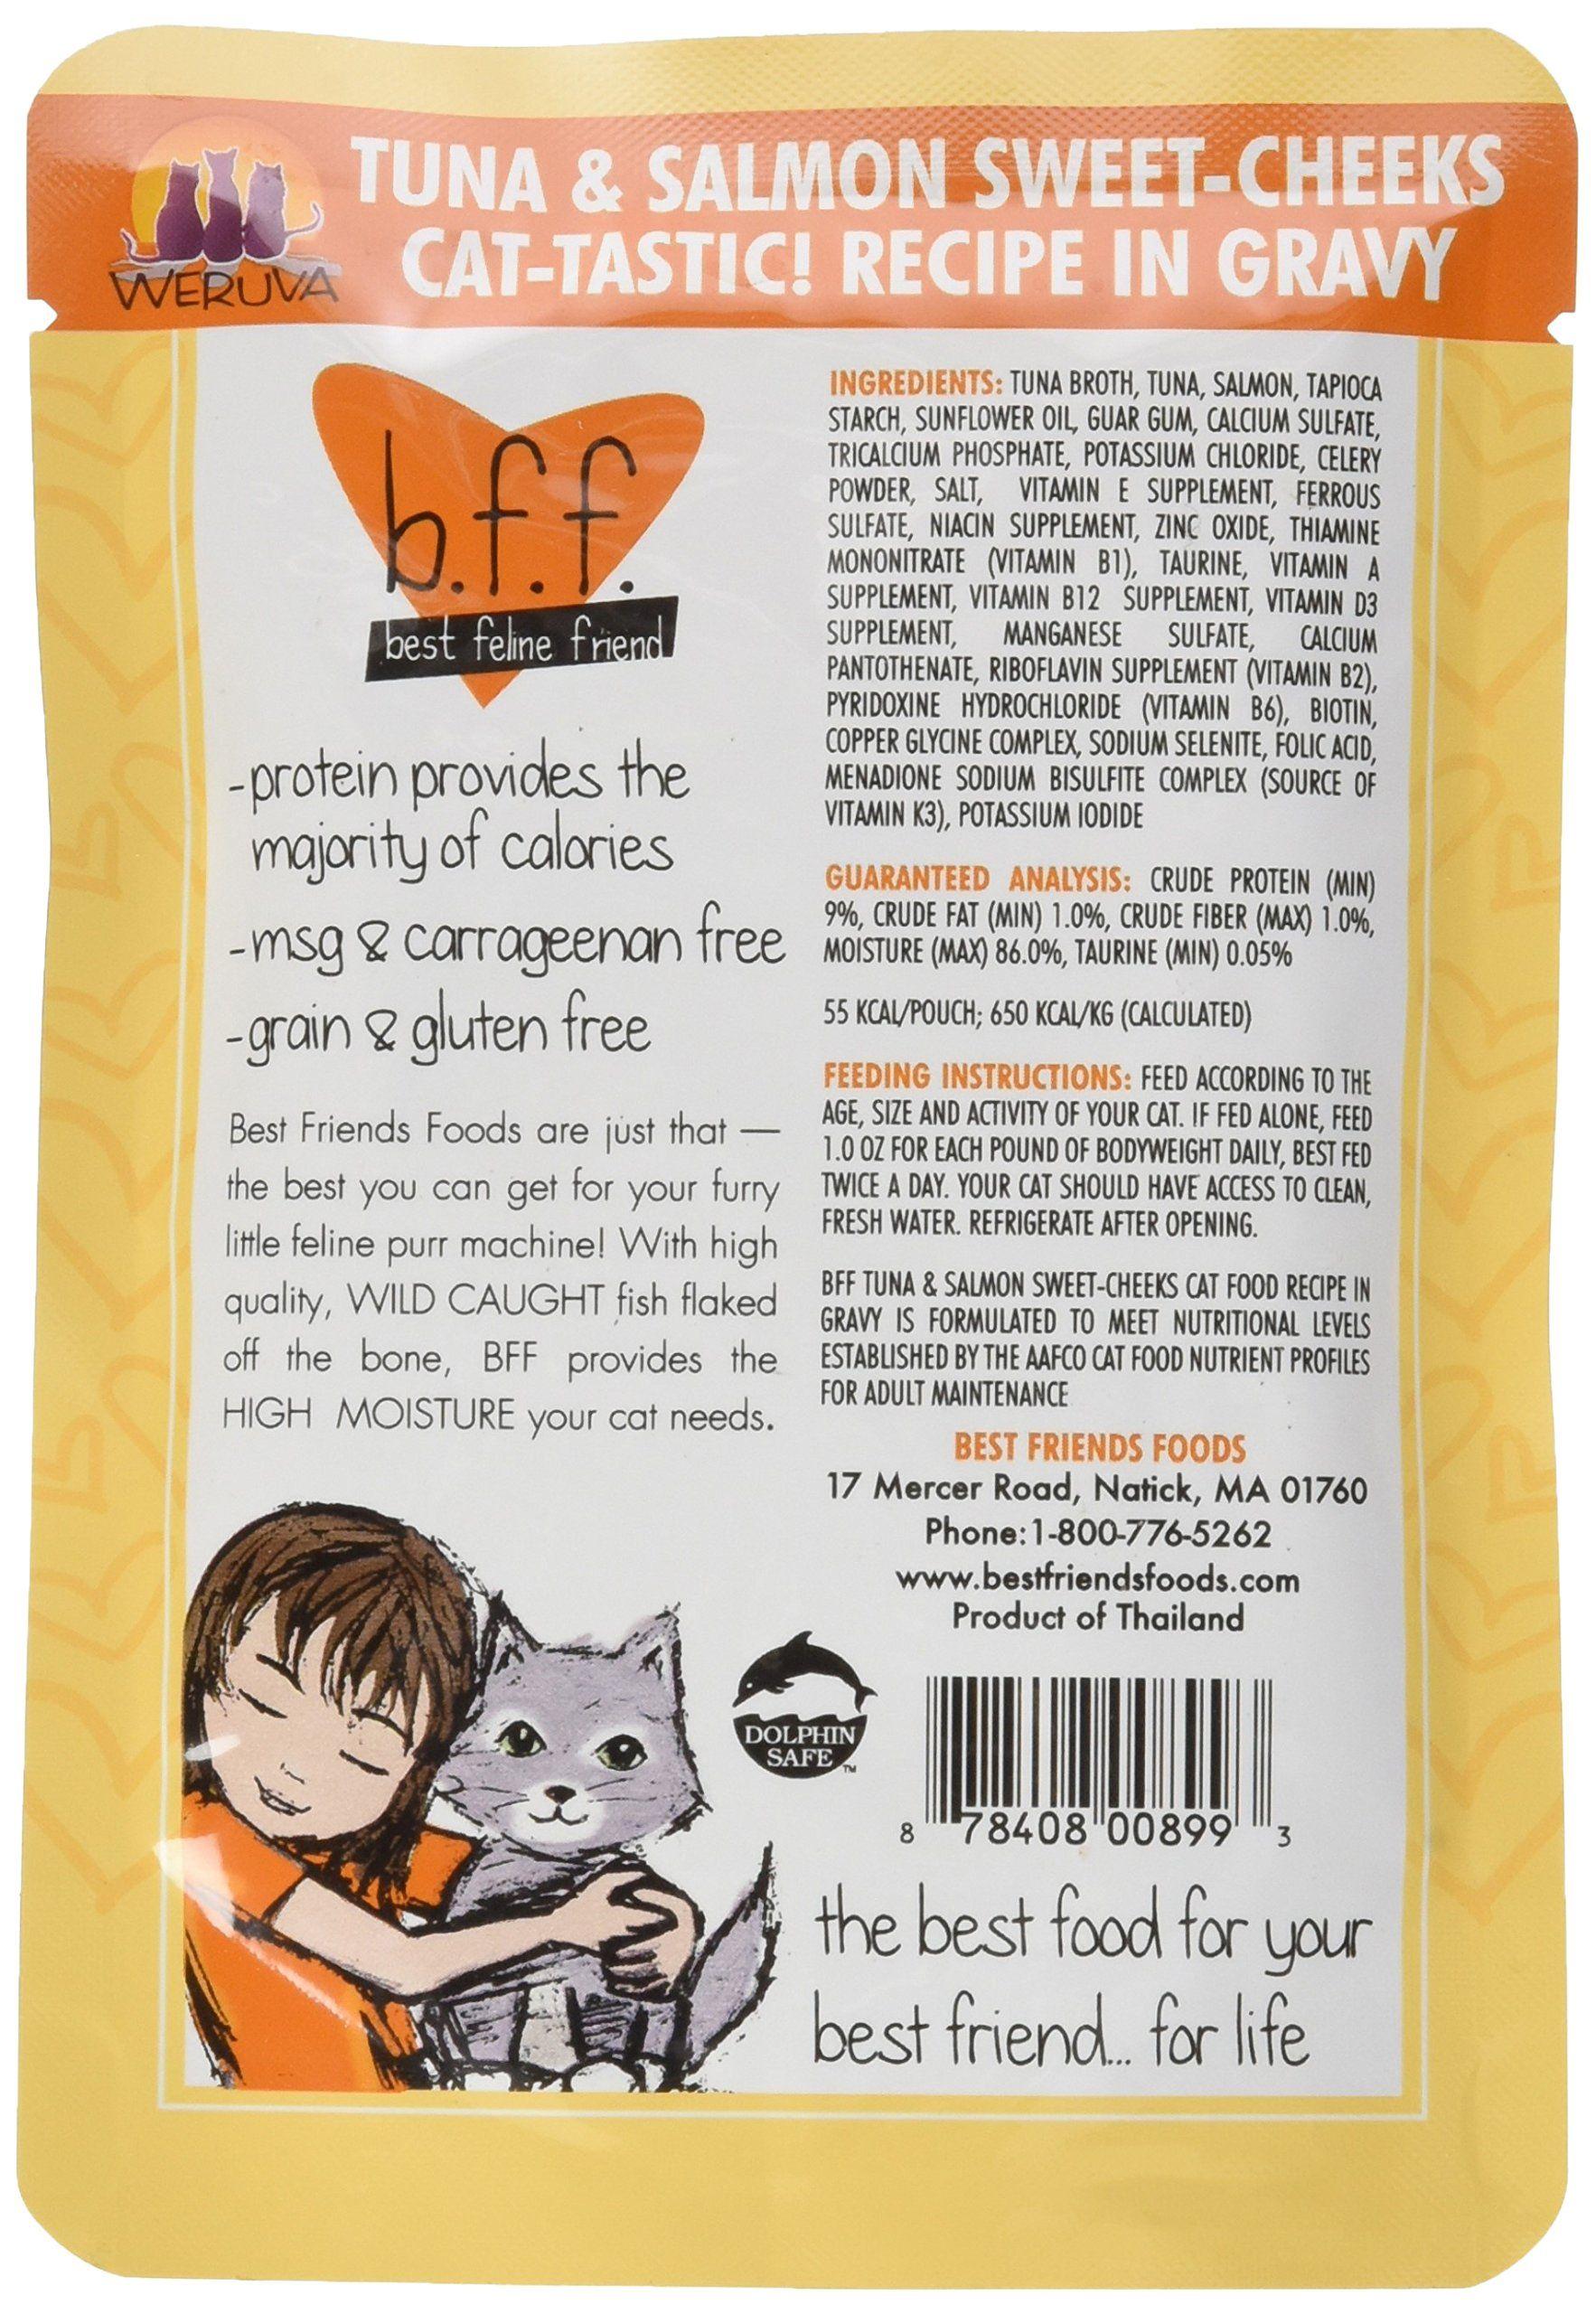 Best Feline Friend Tuna Gravy Ingredients B12 Vitamin Supplement Sweet Cheeks